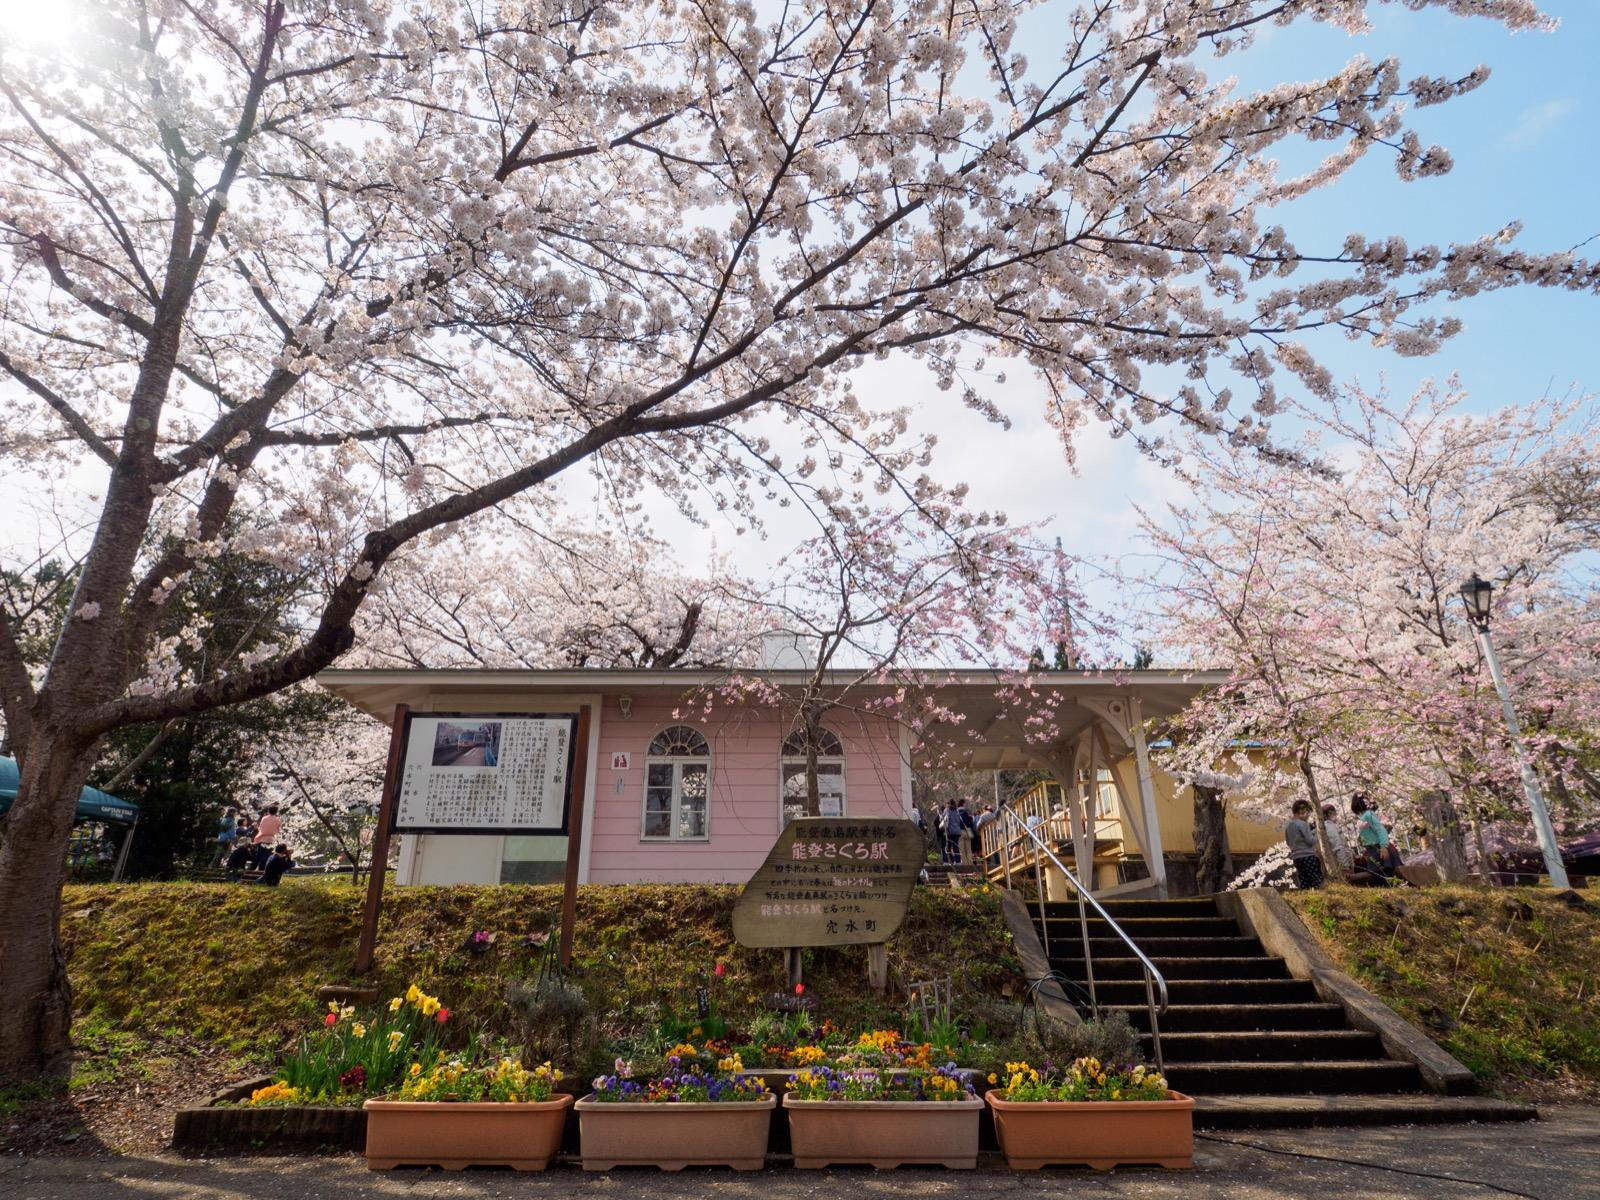 満開の桜に囲まれた、能登鹿島駅(能登さくら駅)の駅舎